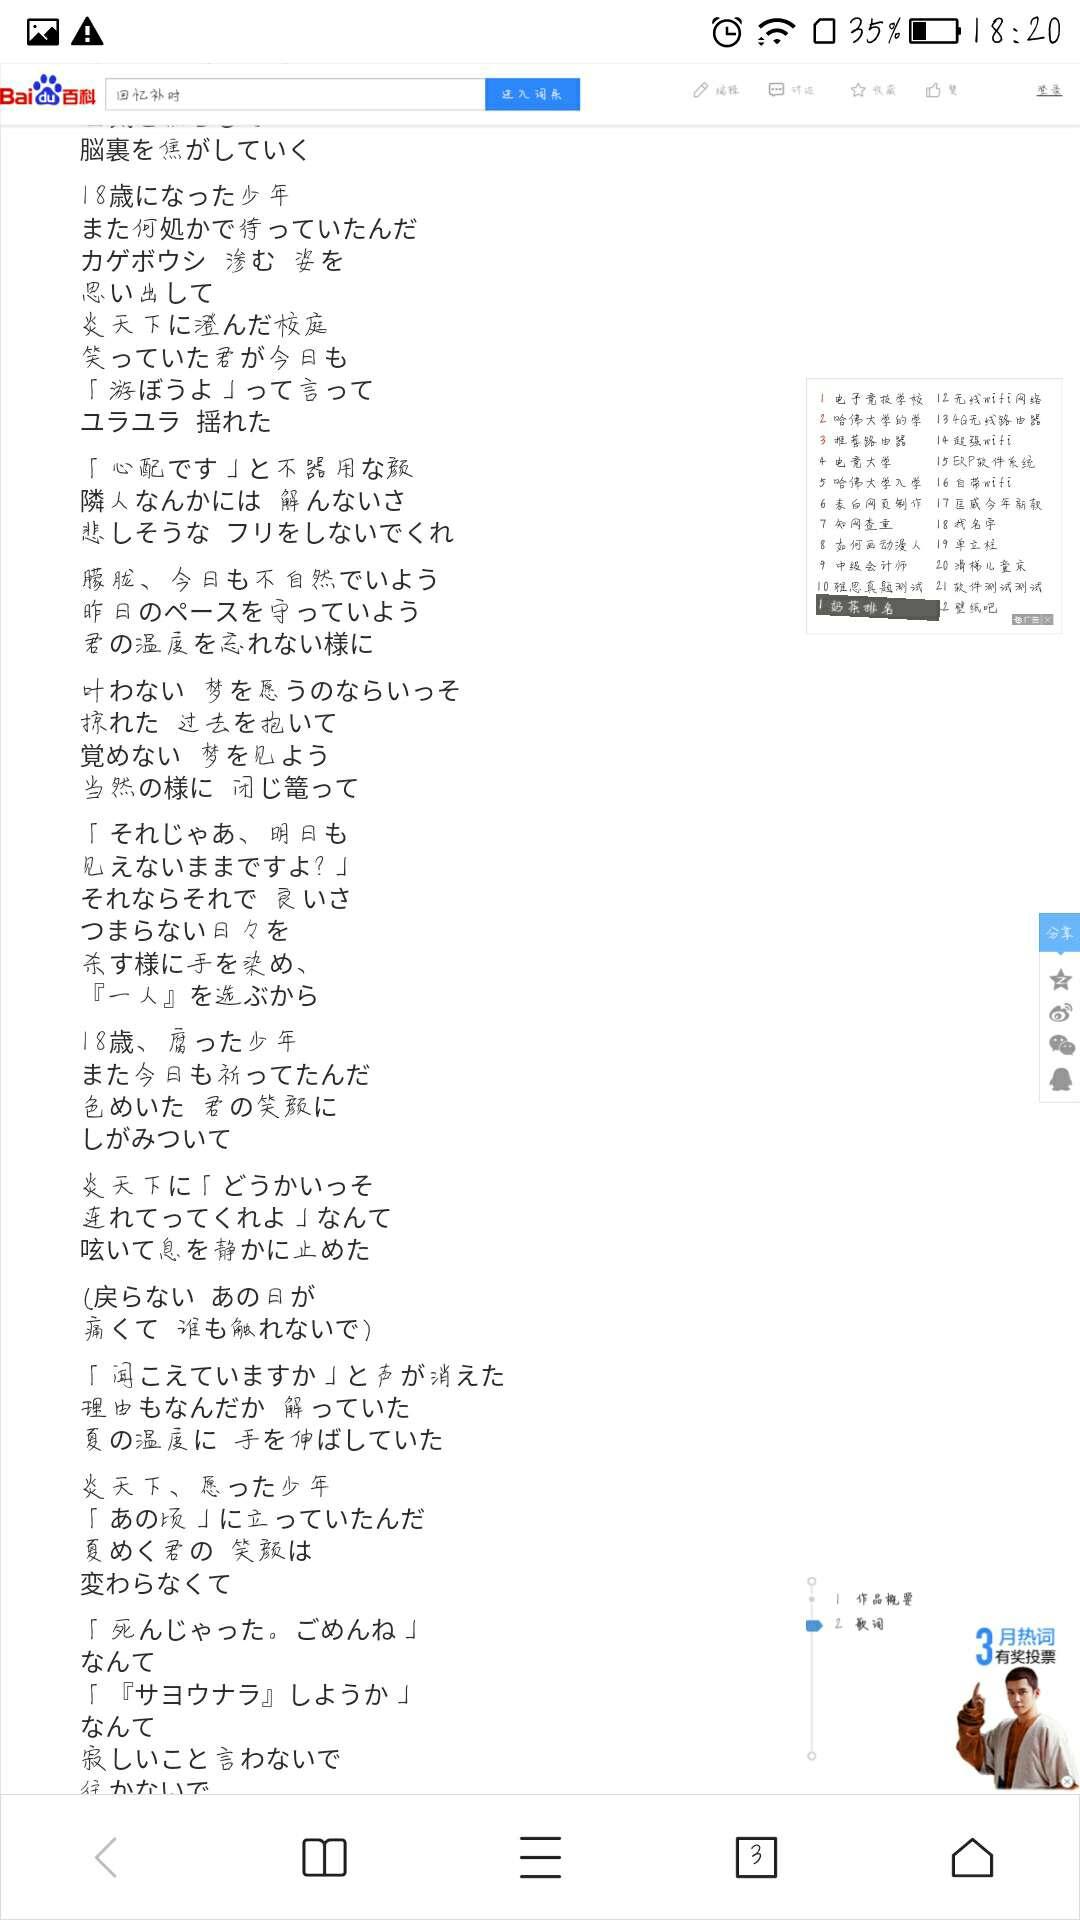 【音乐】阳炎,弱音图片